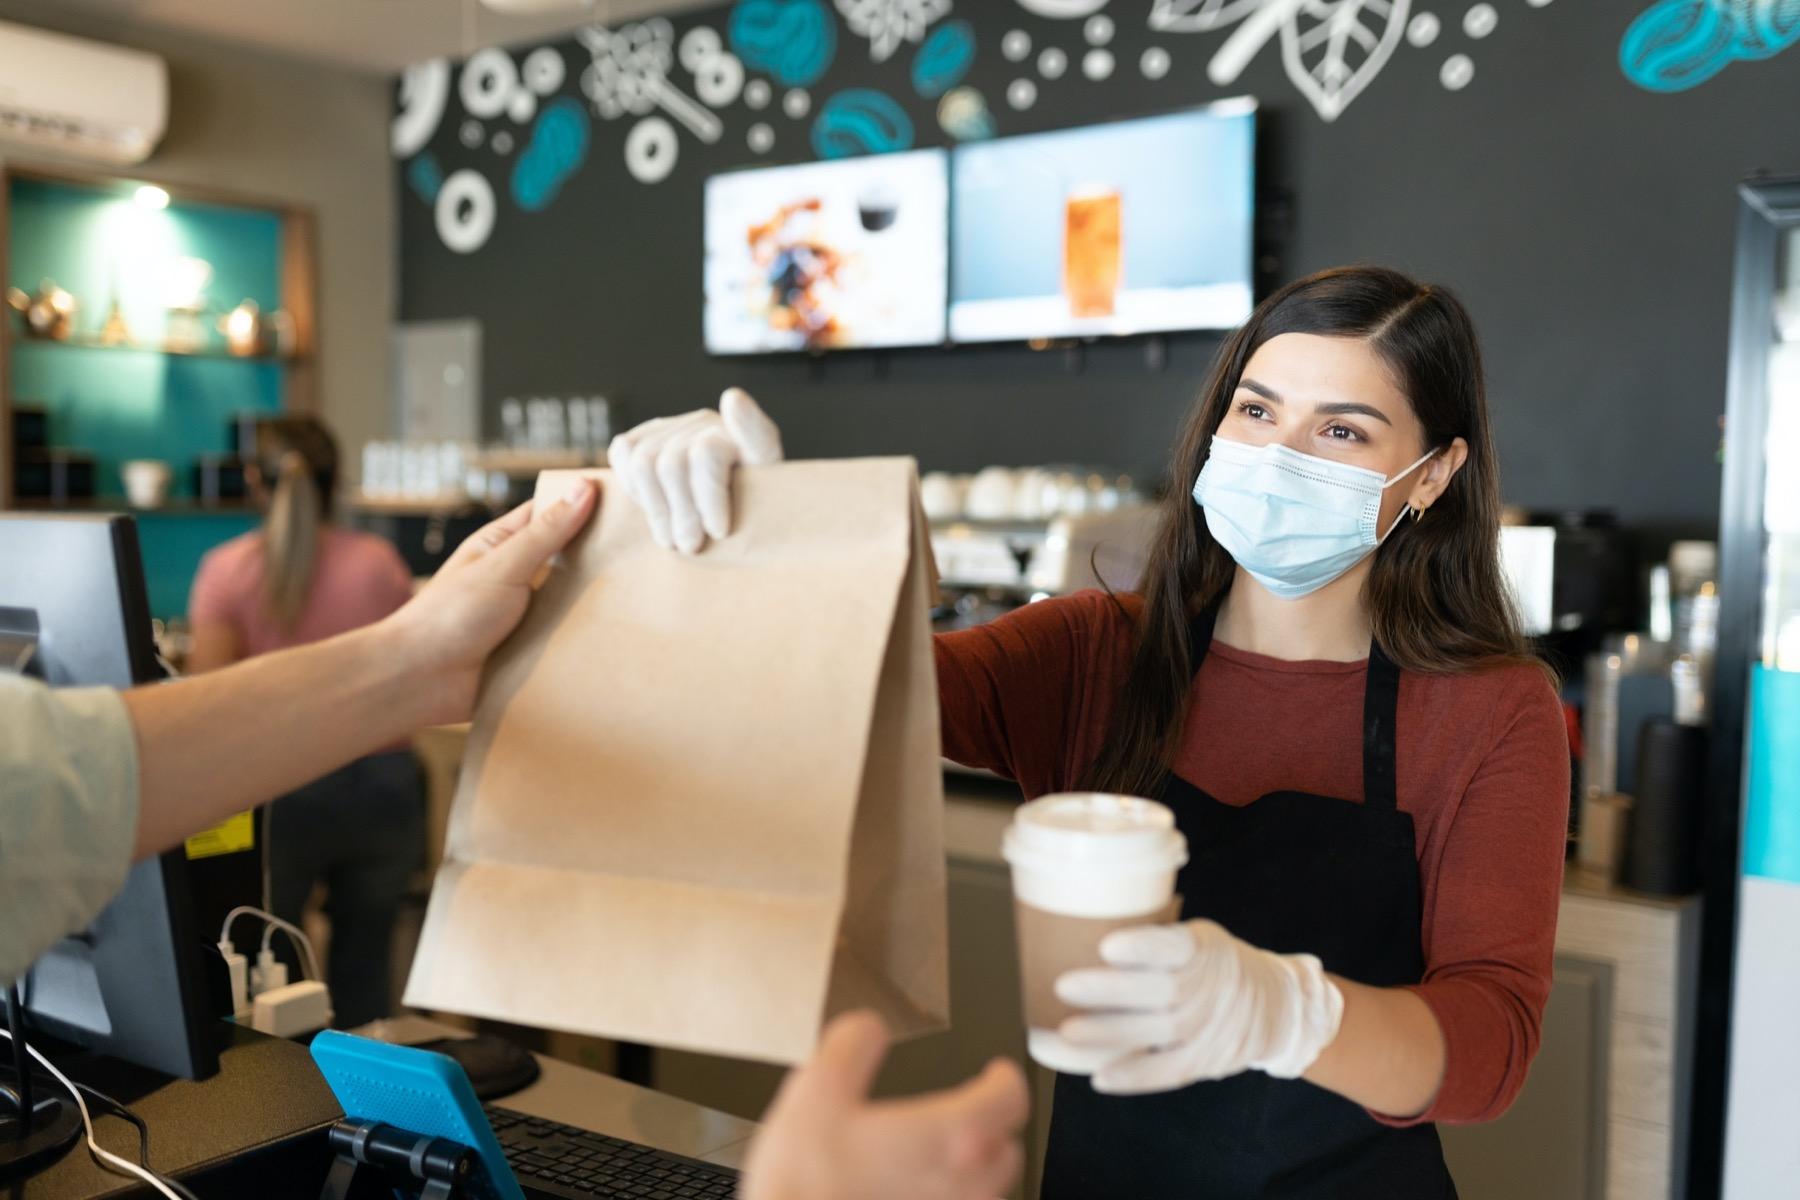 Restaurant worker handing food to customer